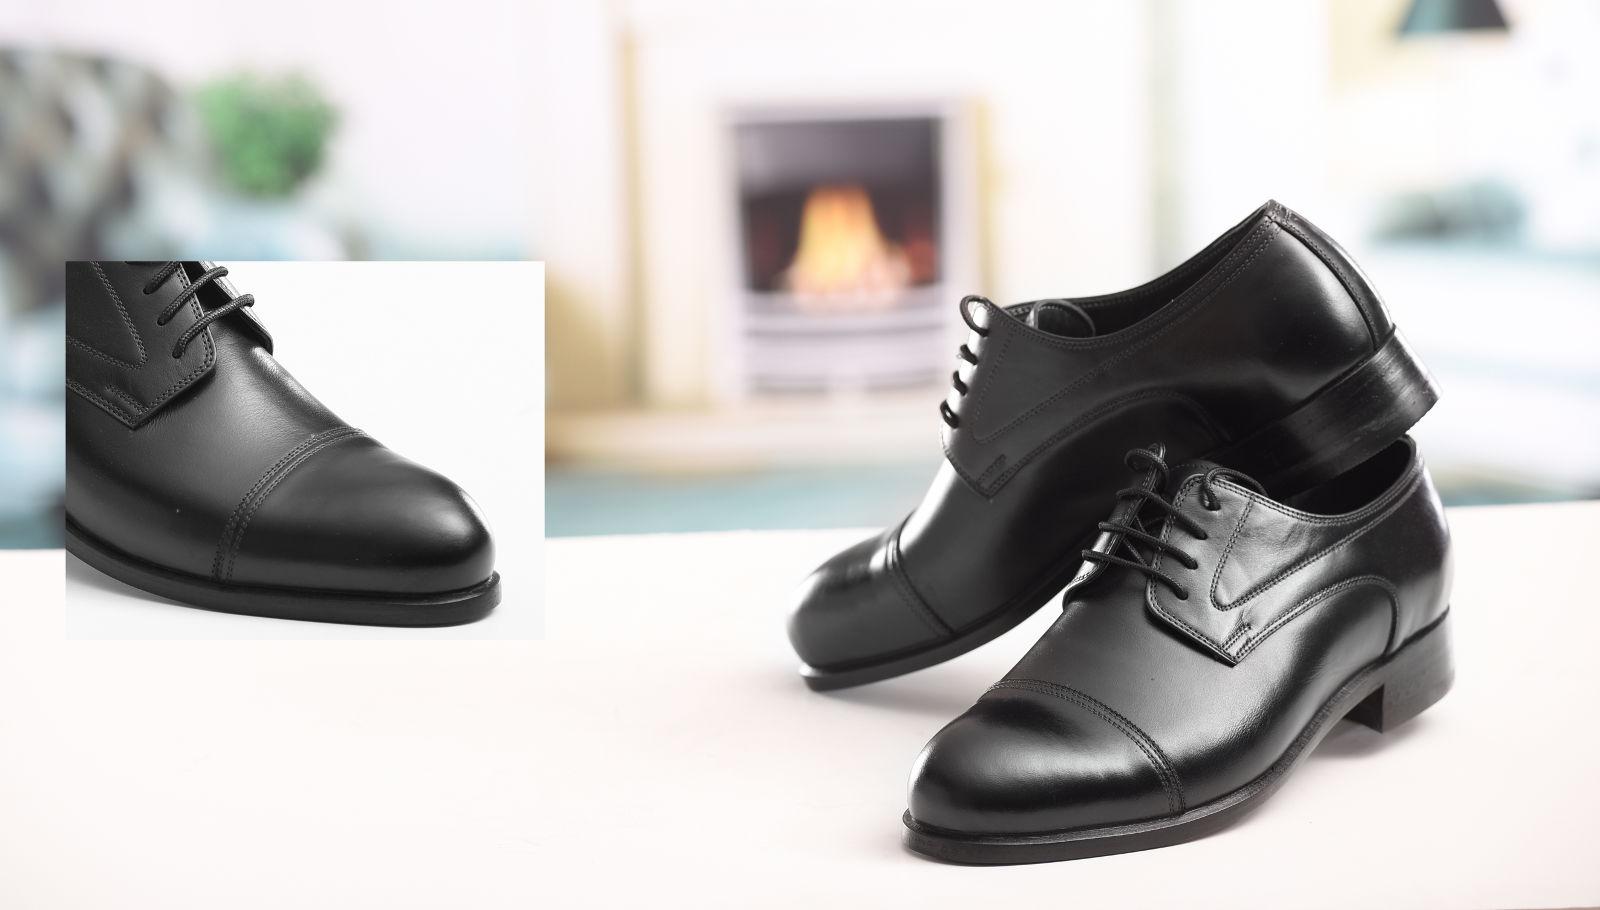 تصویر بزرگ کفش مردانه چرمی با چرم ساده و پنجه طرح دار ساده